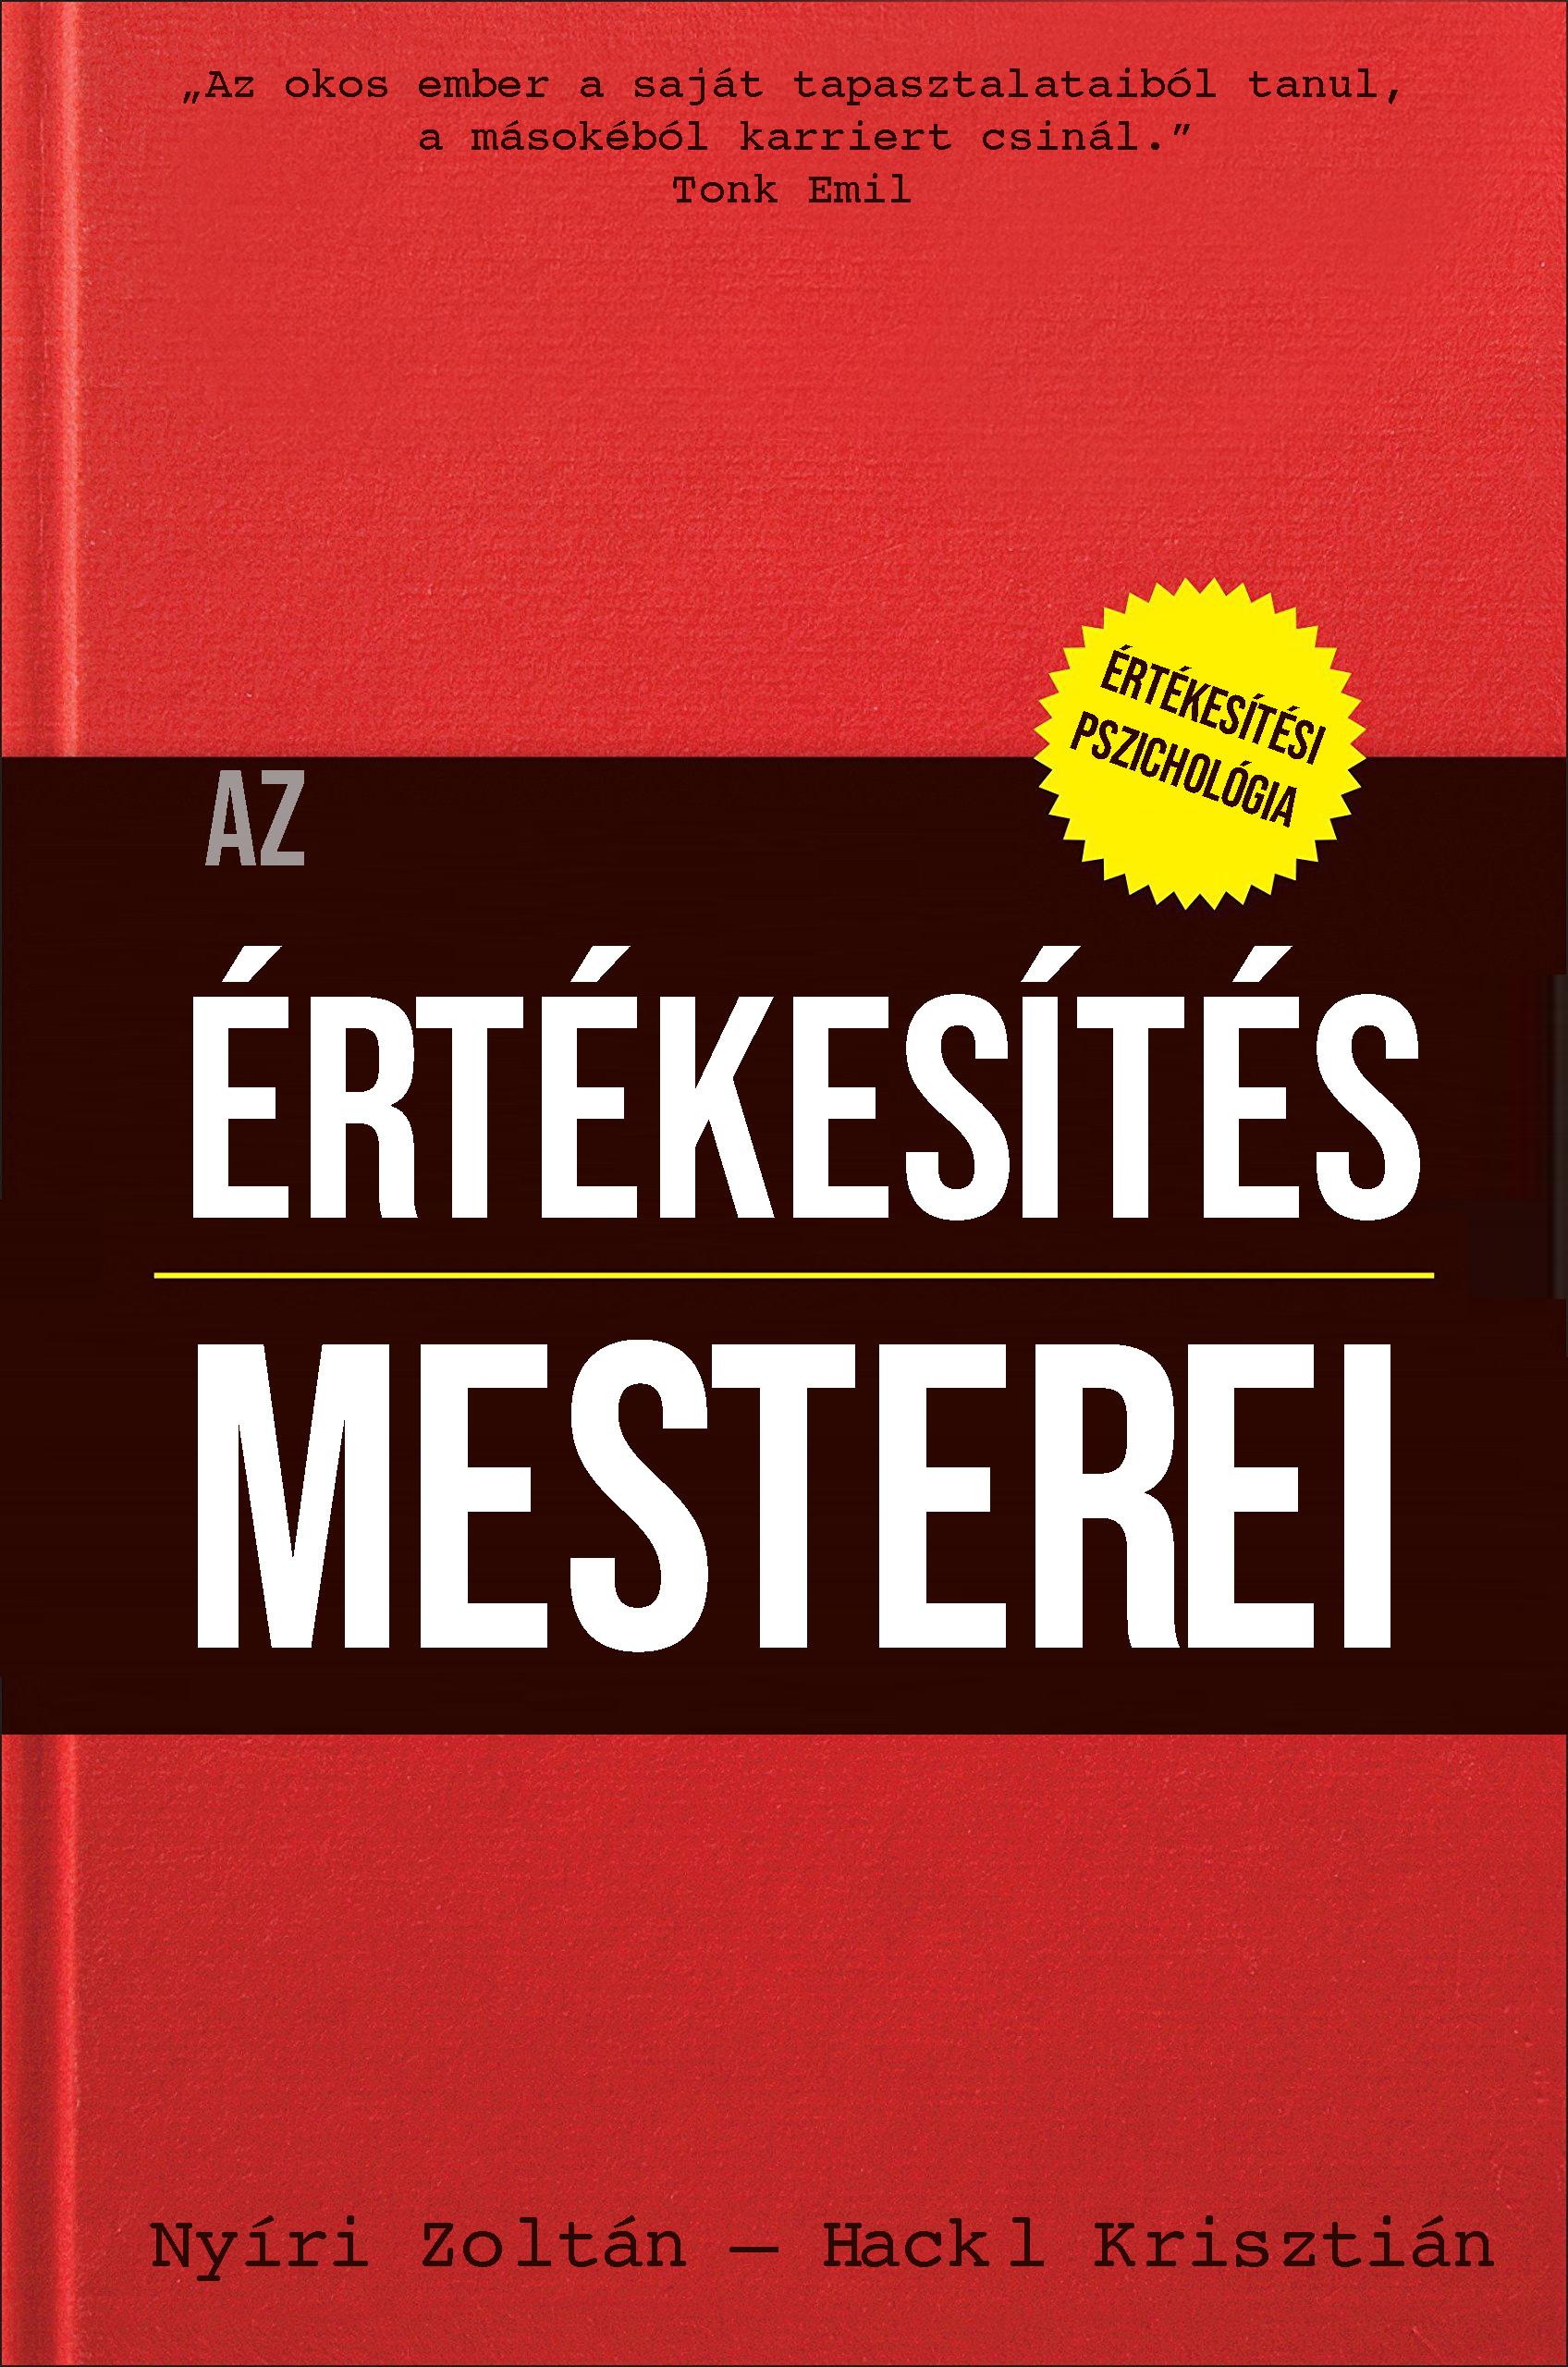 Nyíri Zoltán, Hackl Krisztián: Az értékesítés mesterei